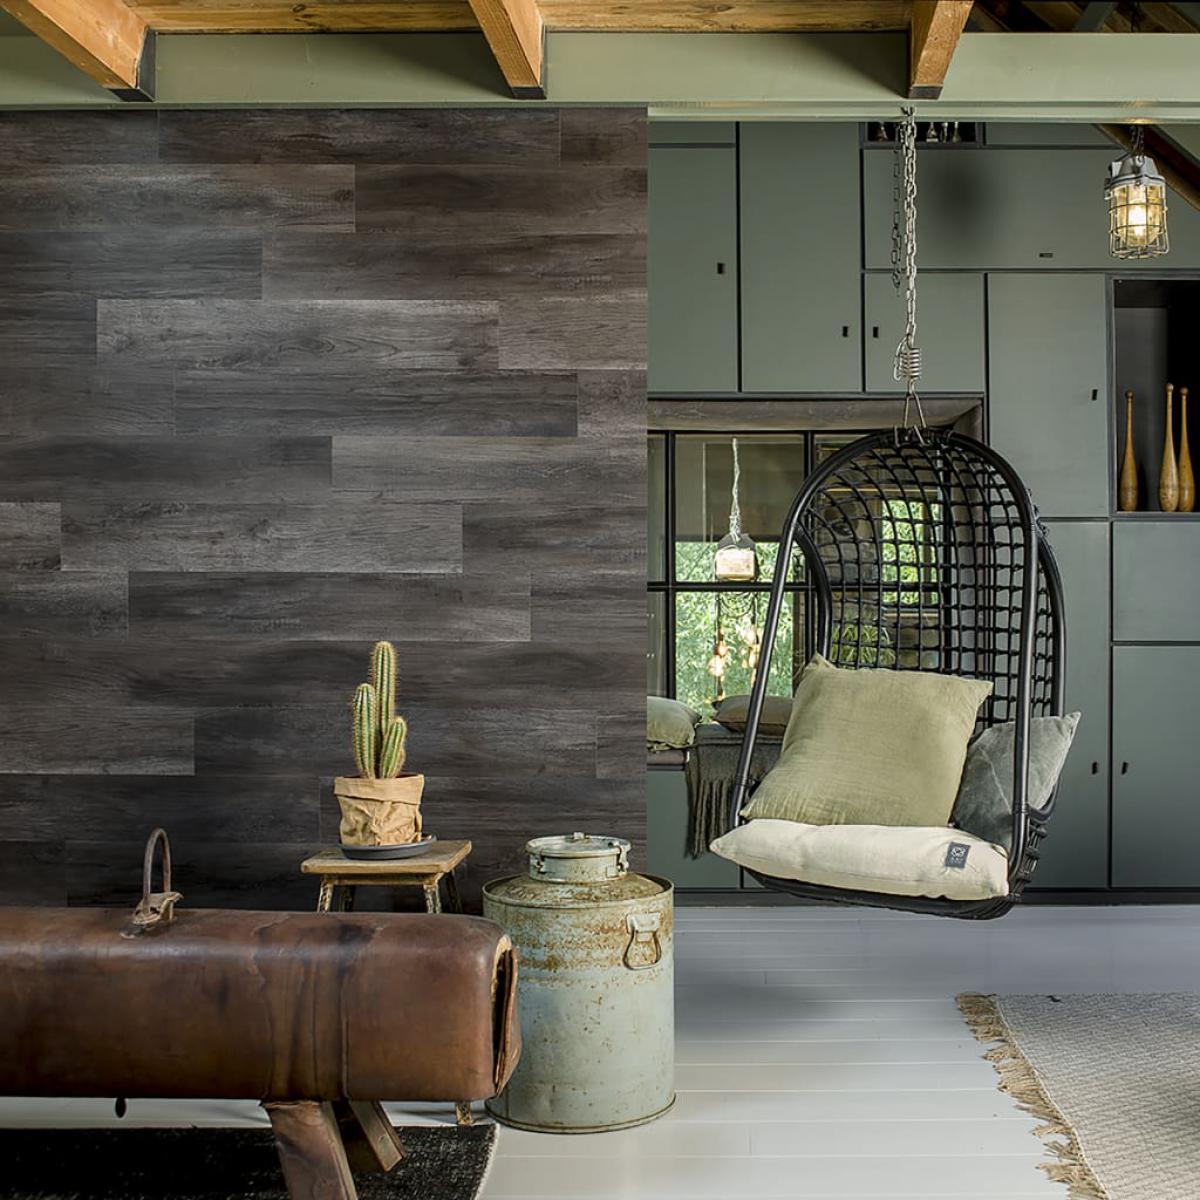 Wallart WallArt Planches d'aspect de bois Noir charbon